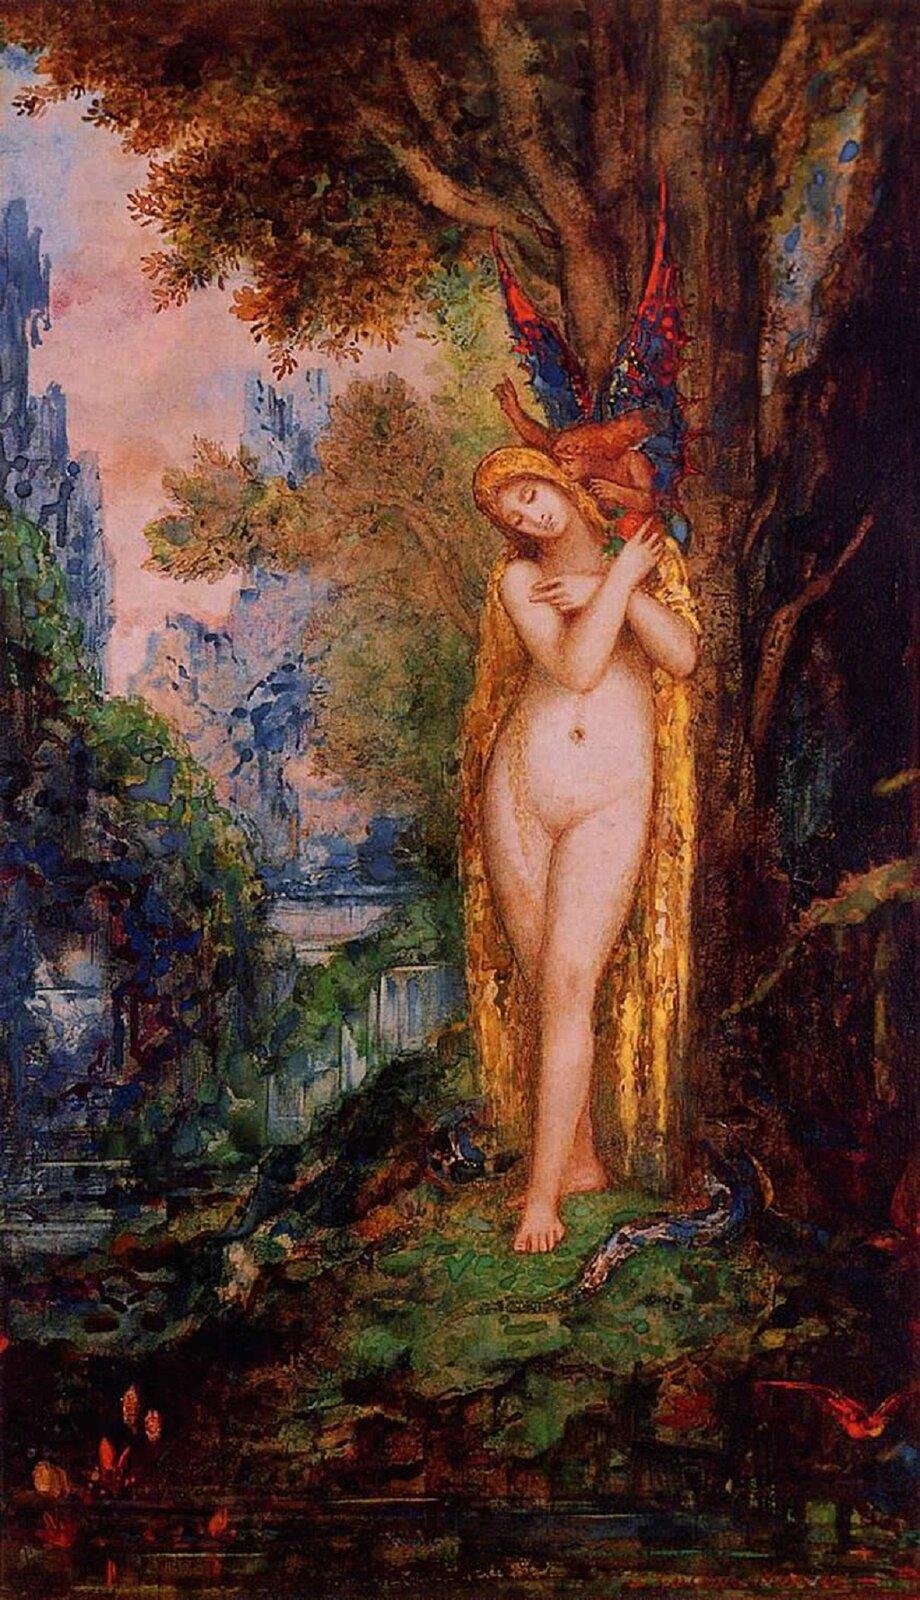 """Ilustracja przedstawia dzieło Gustave'a Moreau """"Ewa"""". Ukazuje kobiecą nagą postać, opierającą się odrzewo. Jej ręce skrzyżowane są na piersi. Na jej twarzy pojawia się delikatny uśmiech. Na prawym ramieniu siedzi uskrzydlony demon, szepczący jej do ucha. Włosy kobiety swobodnie opadają. Wokół drzewa wije się wąż. Tło stanowią szmaragdowe zielenie ijasne, szafirowe błękity. Dzieło charakteryzują żywe, wystawne kolory, delikatność iszczegółowość."""